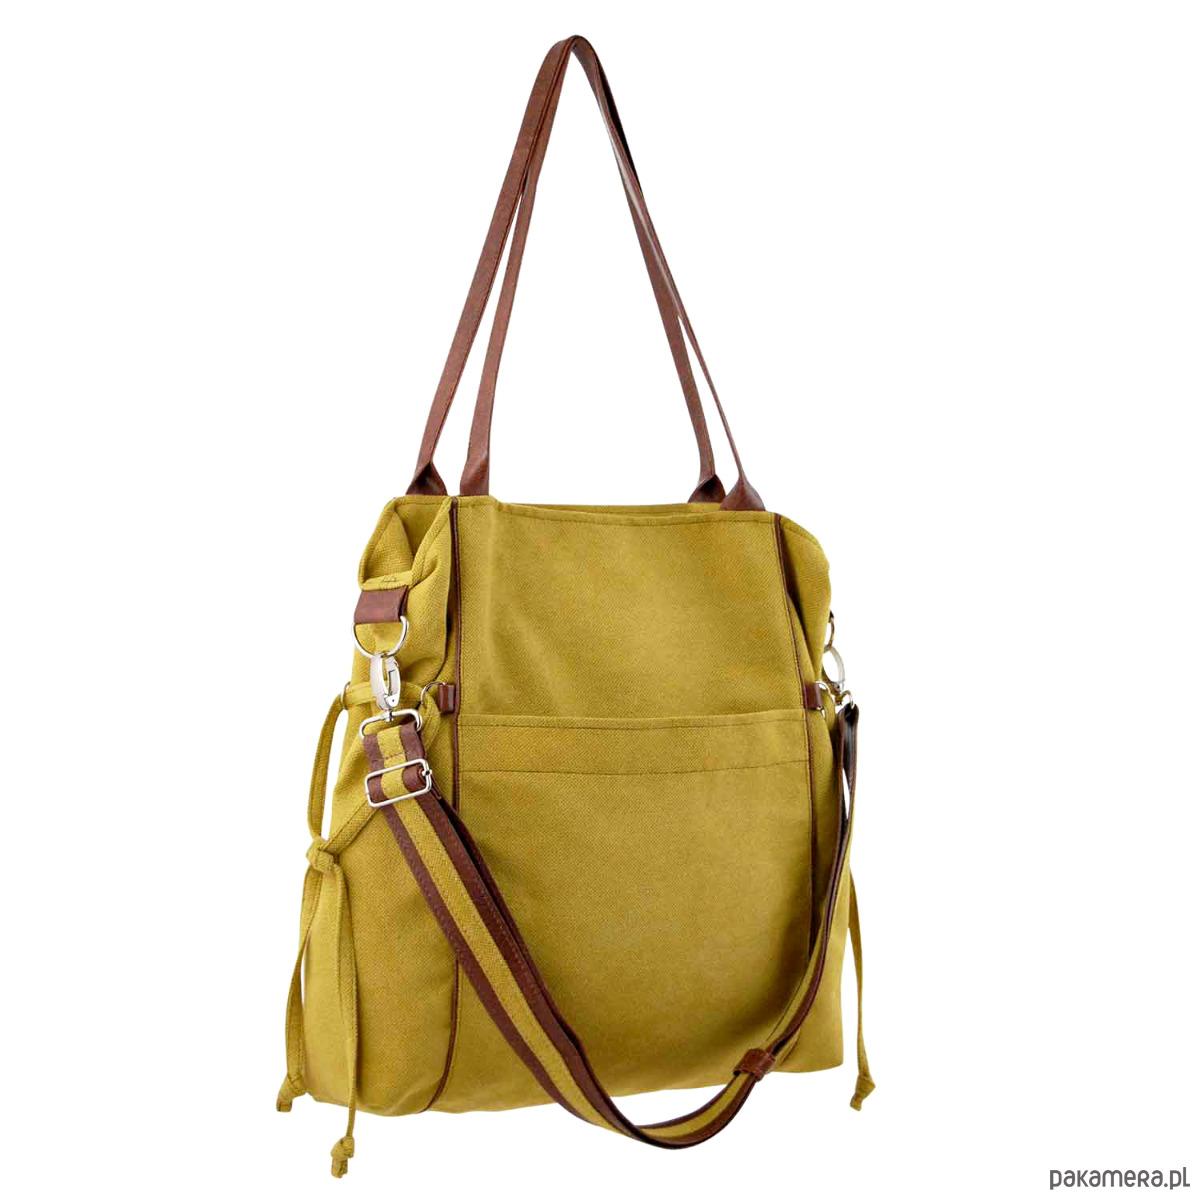 3bf9d5924f3b0 AMBER - duża torba - shopper - musztarda i brąz - torby na ramię ...